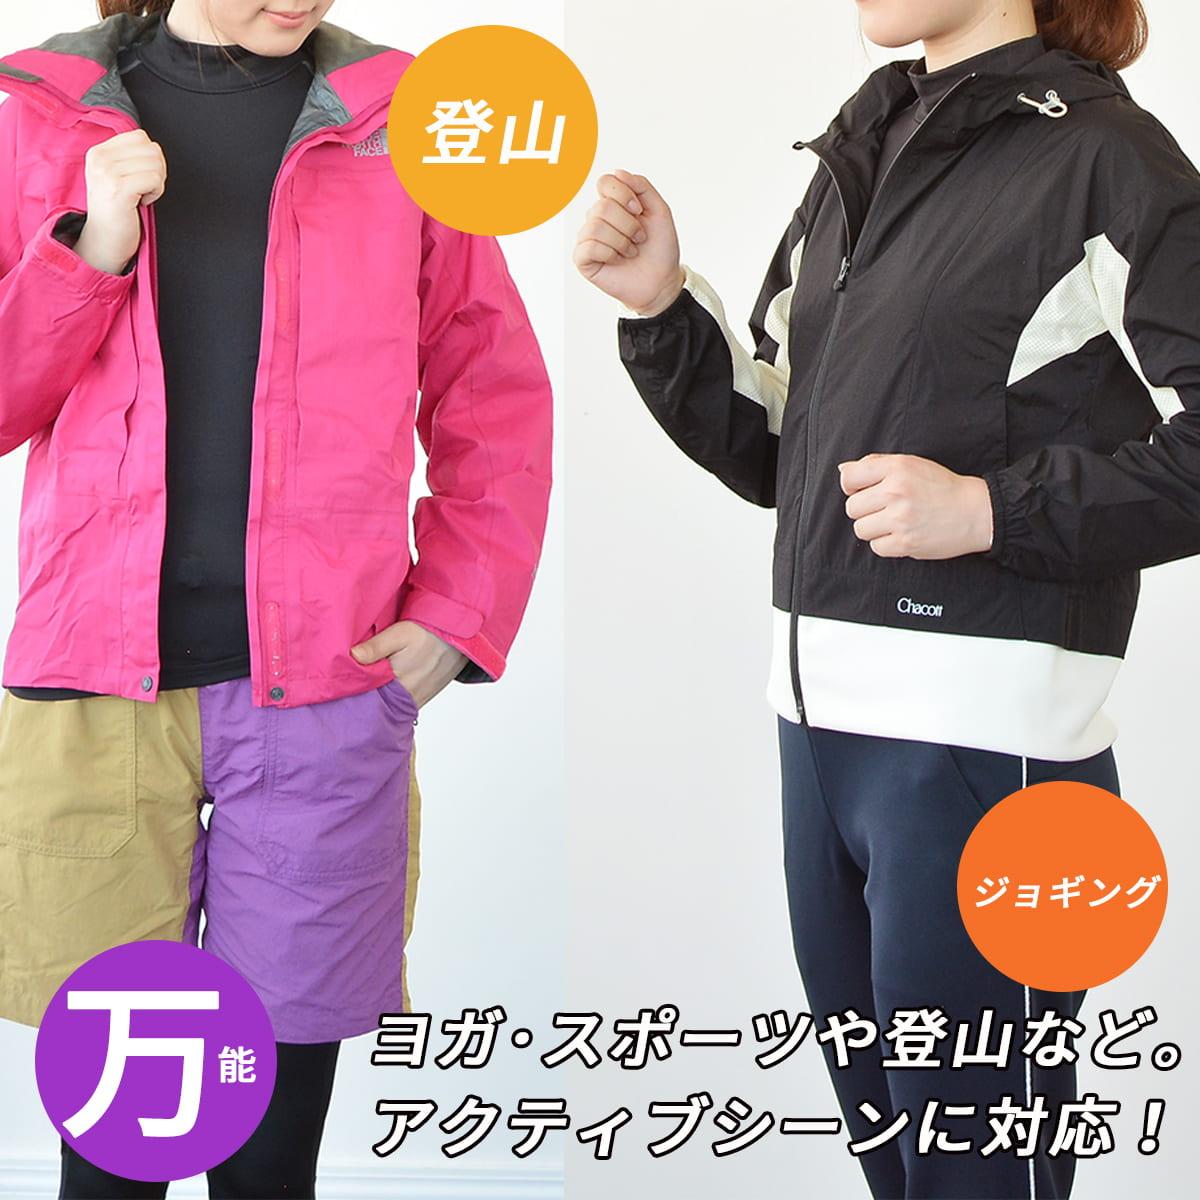 【シャンティ】 あったか裏起毛スポーツインナー 2枚セット   #shanti #ヨガ #ヨガウェア #インナー #ハイネック #長袖